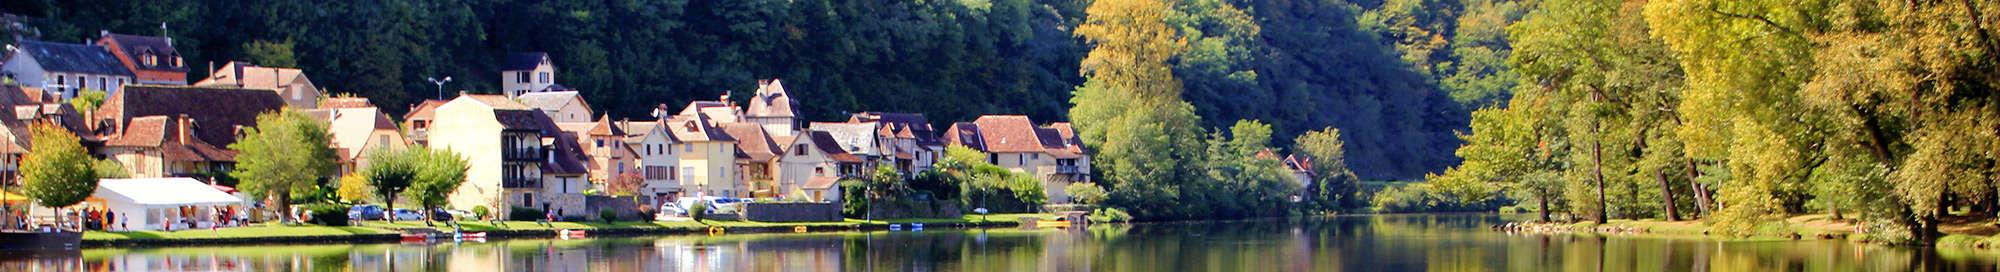 Week-end et séjour Beaulieu sur Dordogne